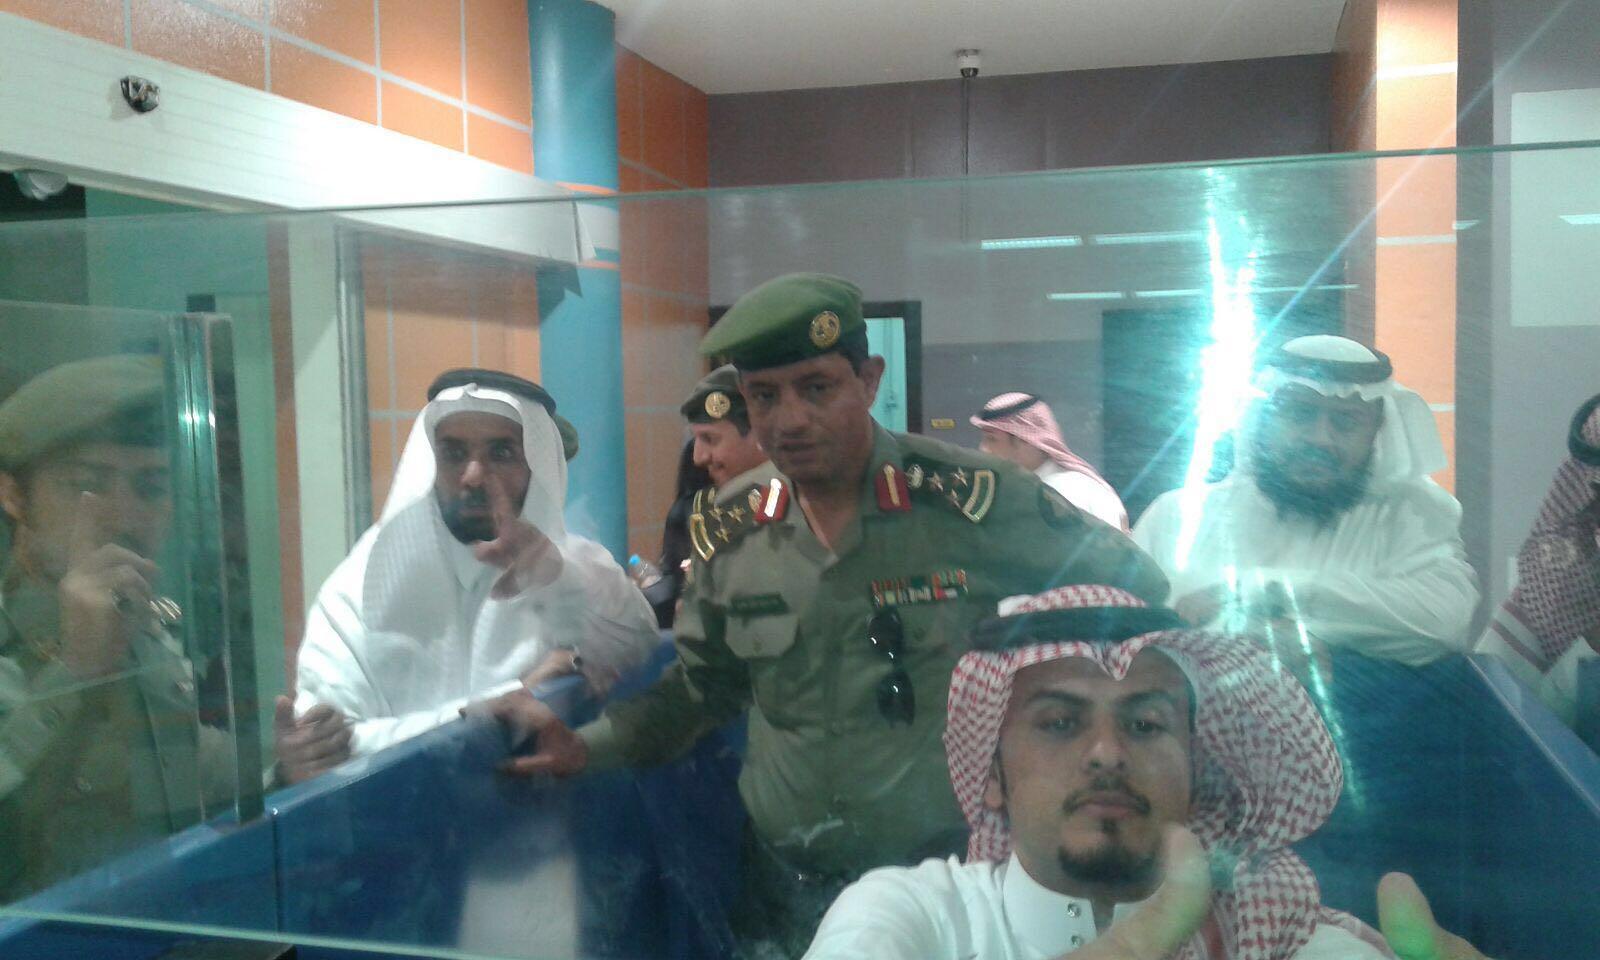 مدير جوازات منطقة عسير يتفقد جوازات مطار ابها الإقليمي ويلتقي مدير عام المطار (1)